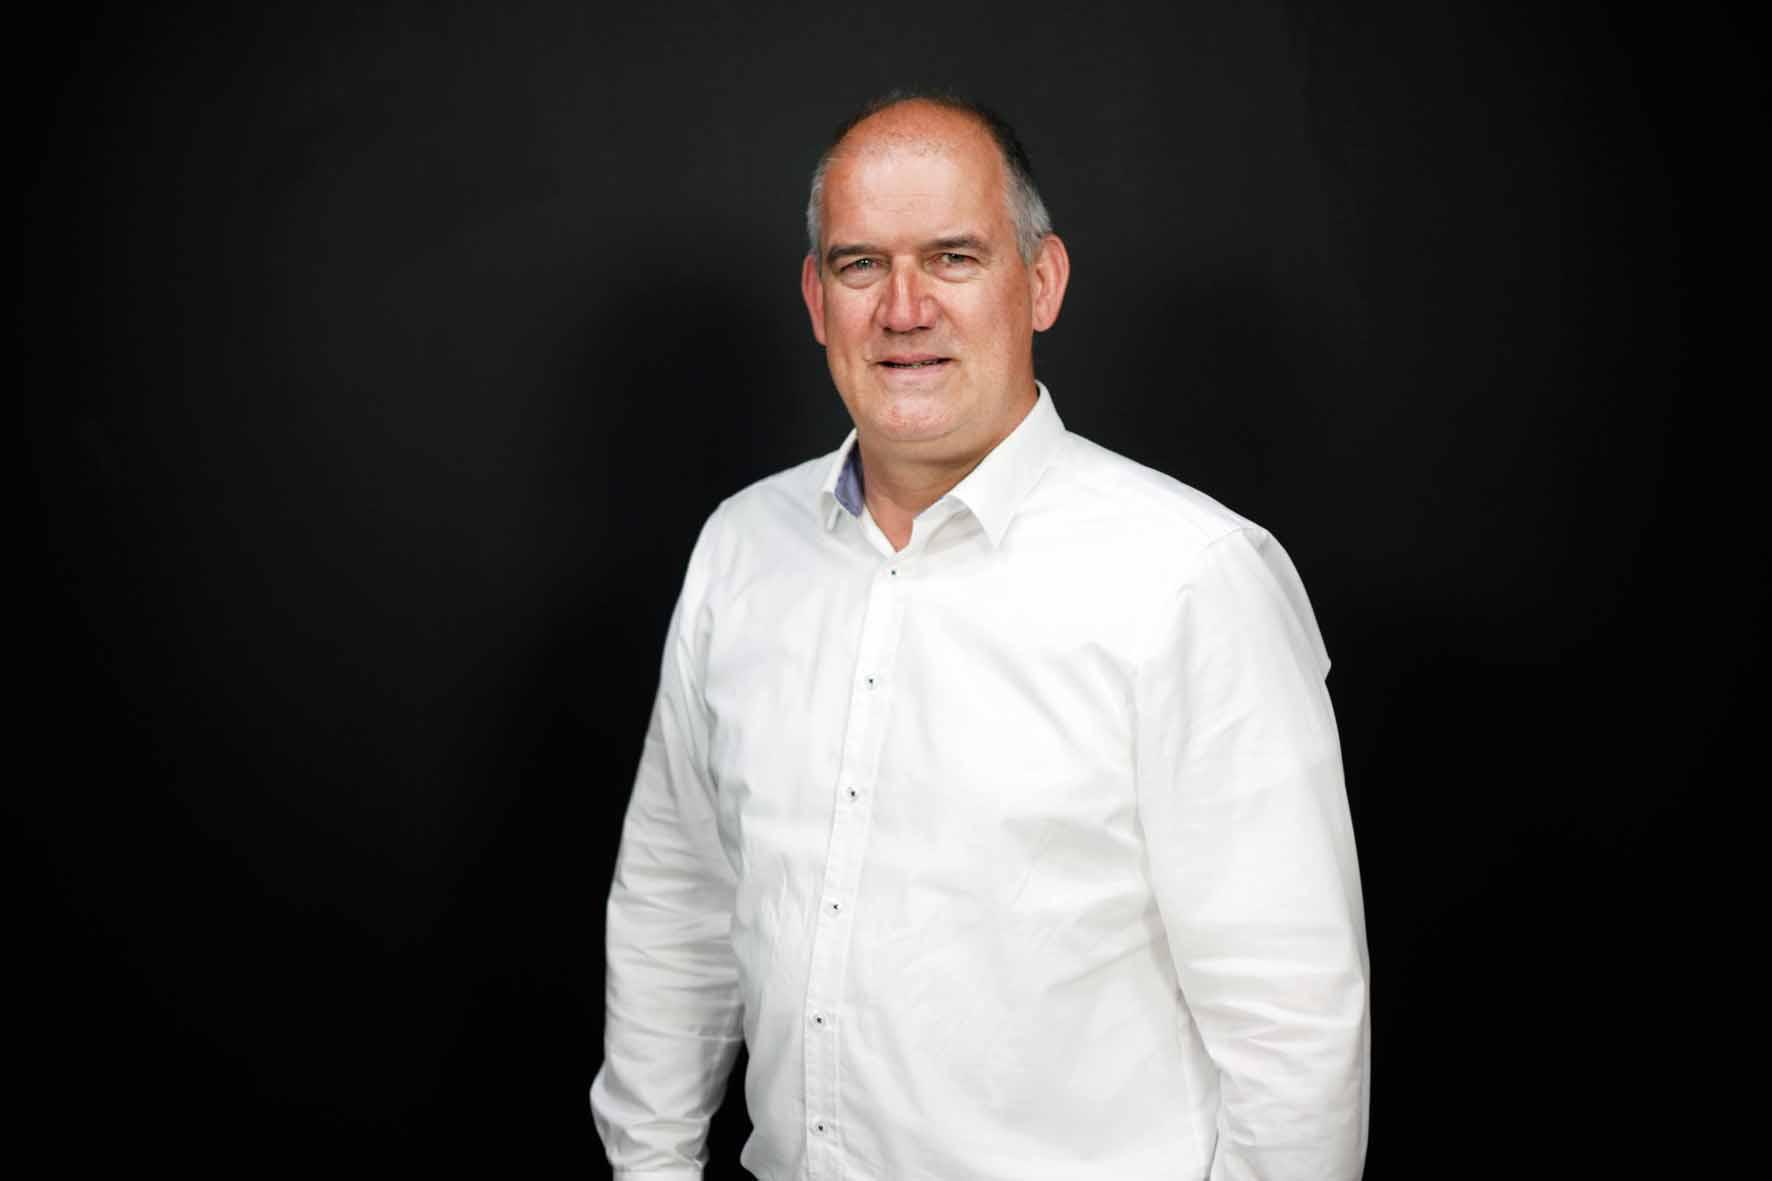 Markus Frönd, Senior Director von ieQ-systems und Geschäftsführender Gesellschafter des neuen Unternehmens © ieQ-systems mgk GmbH